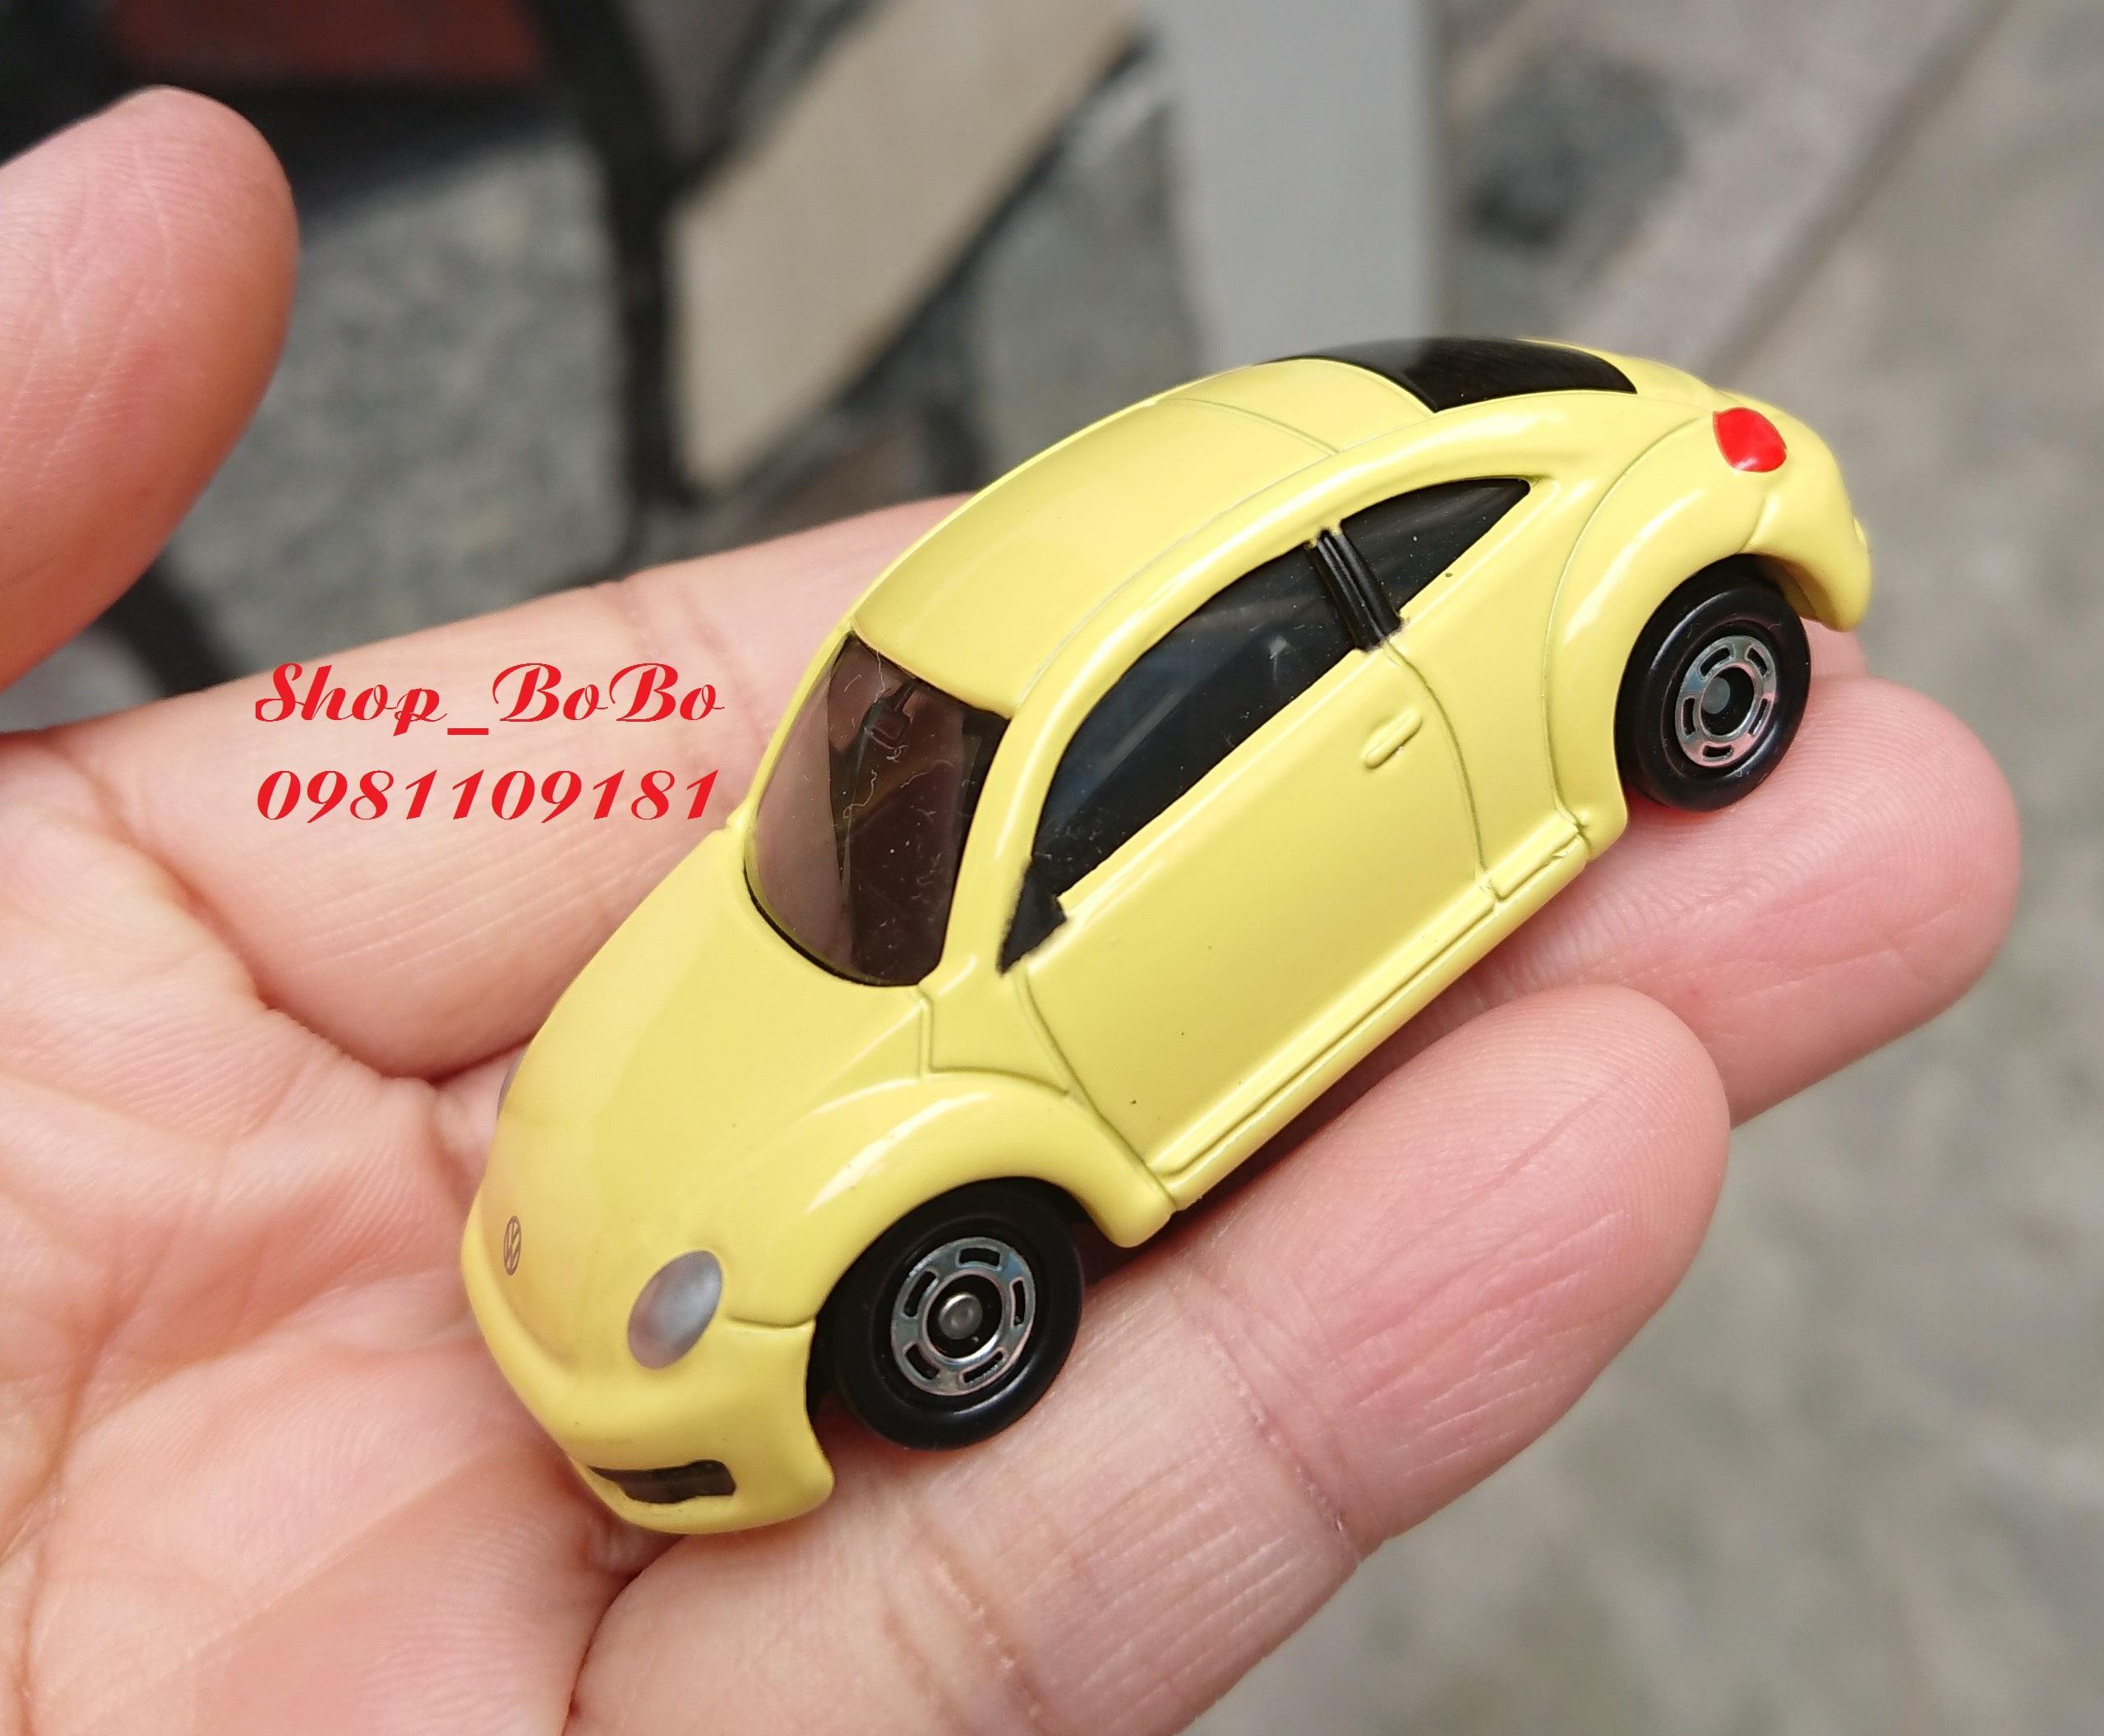 Chương Trình Ưu Đãi cho Xe Mô Hình TOMICA Volkswagen The Beetle Giá Rẻ.